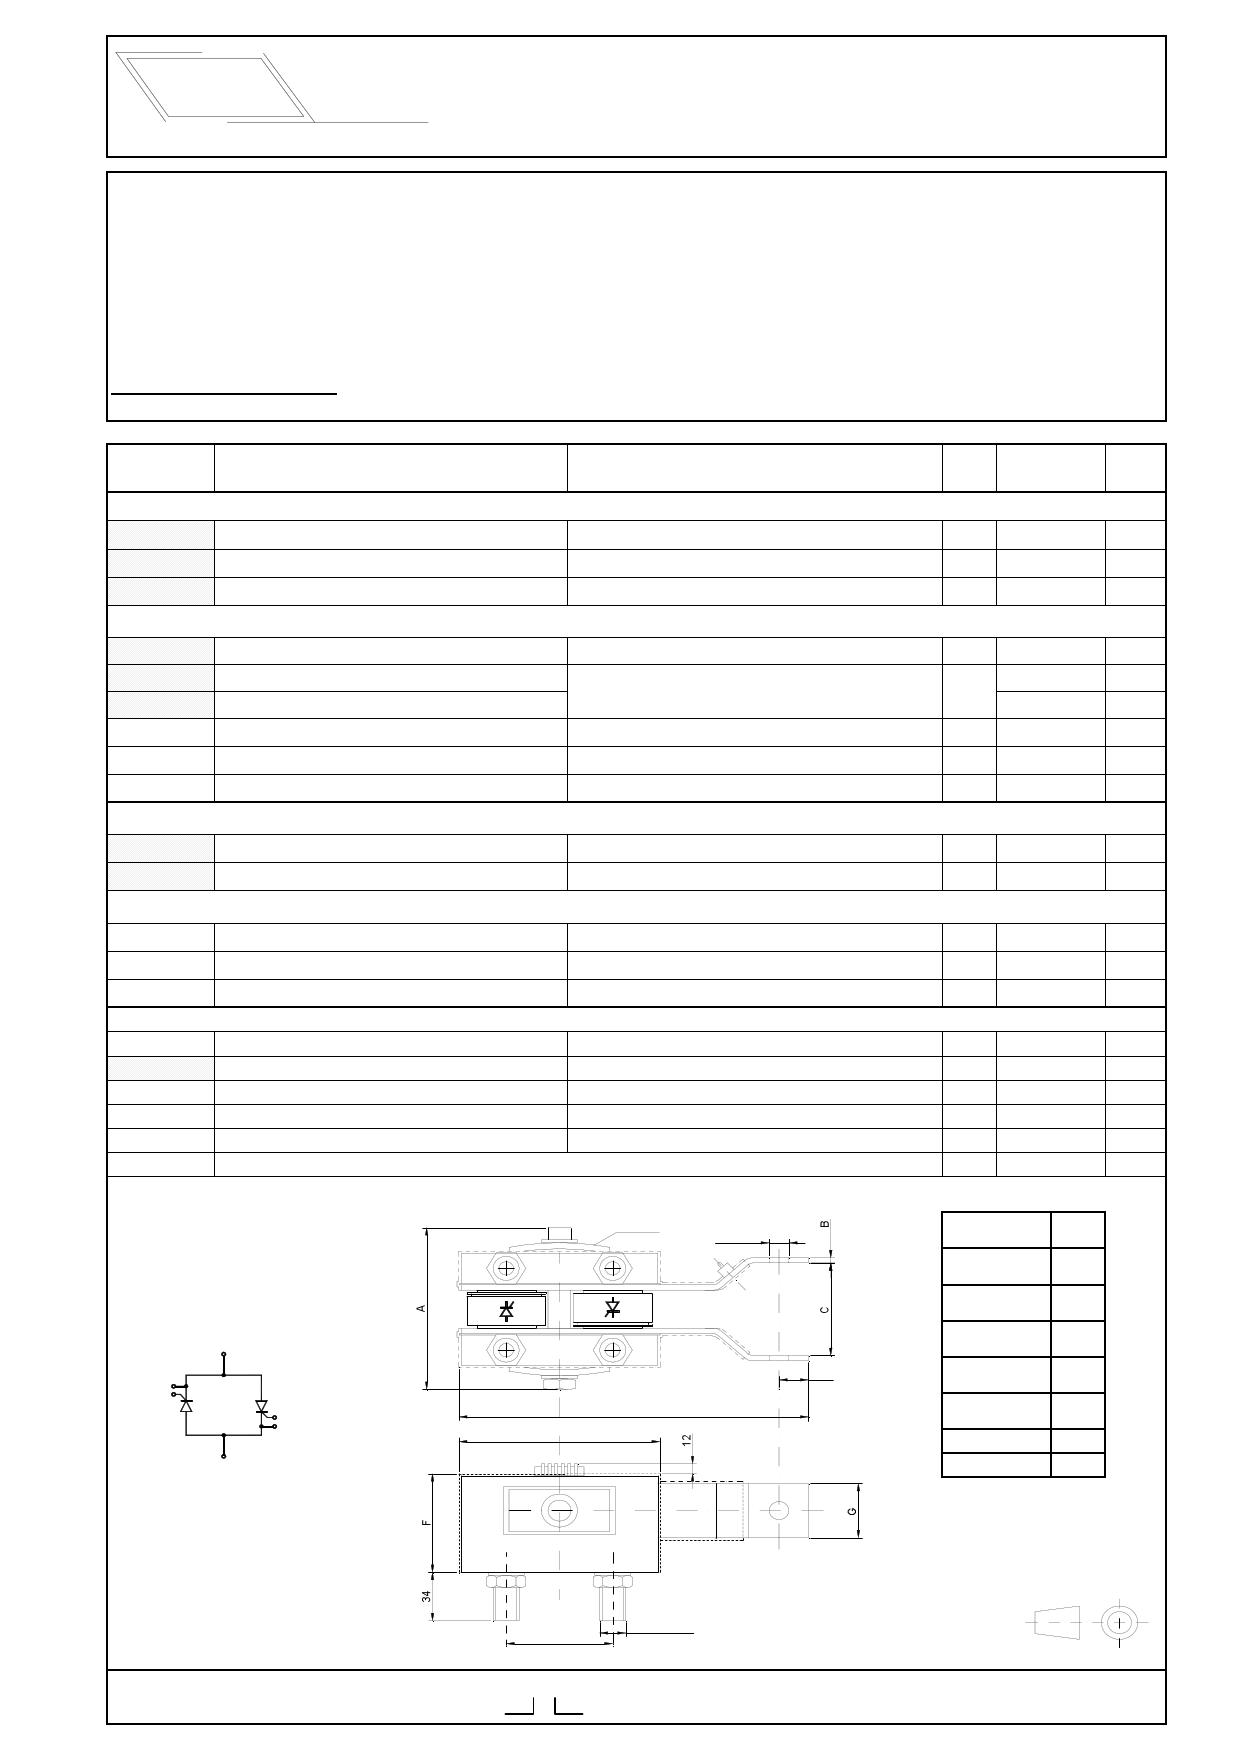 2-2W5I-AT505S16 Hoja de datos, Descripción, Manual